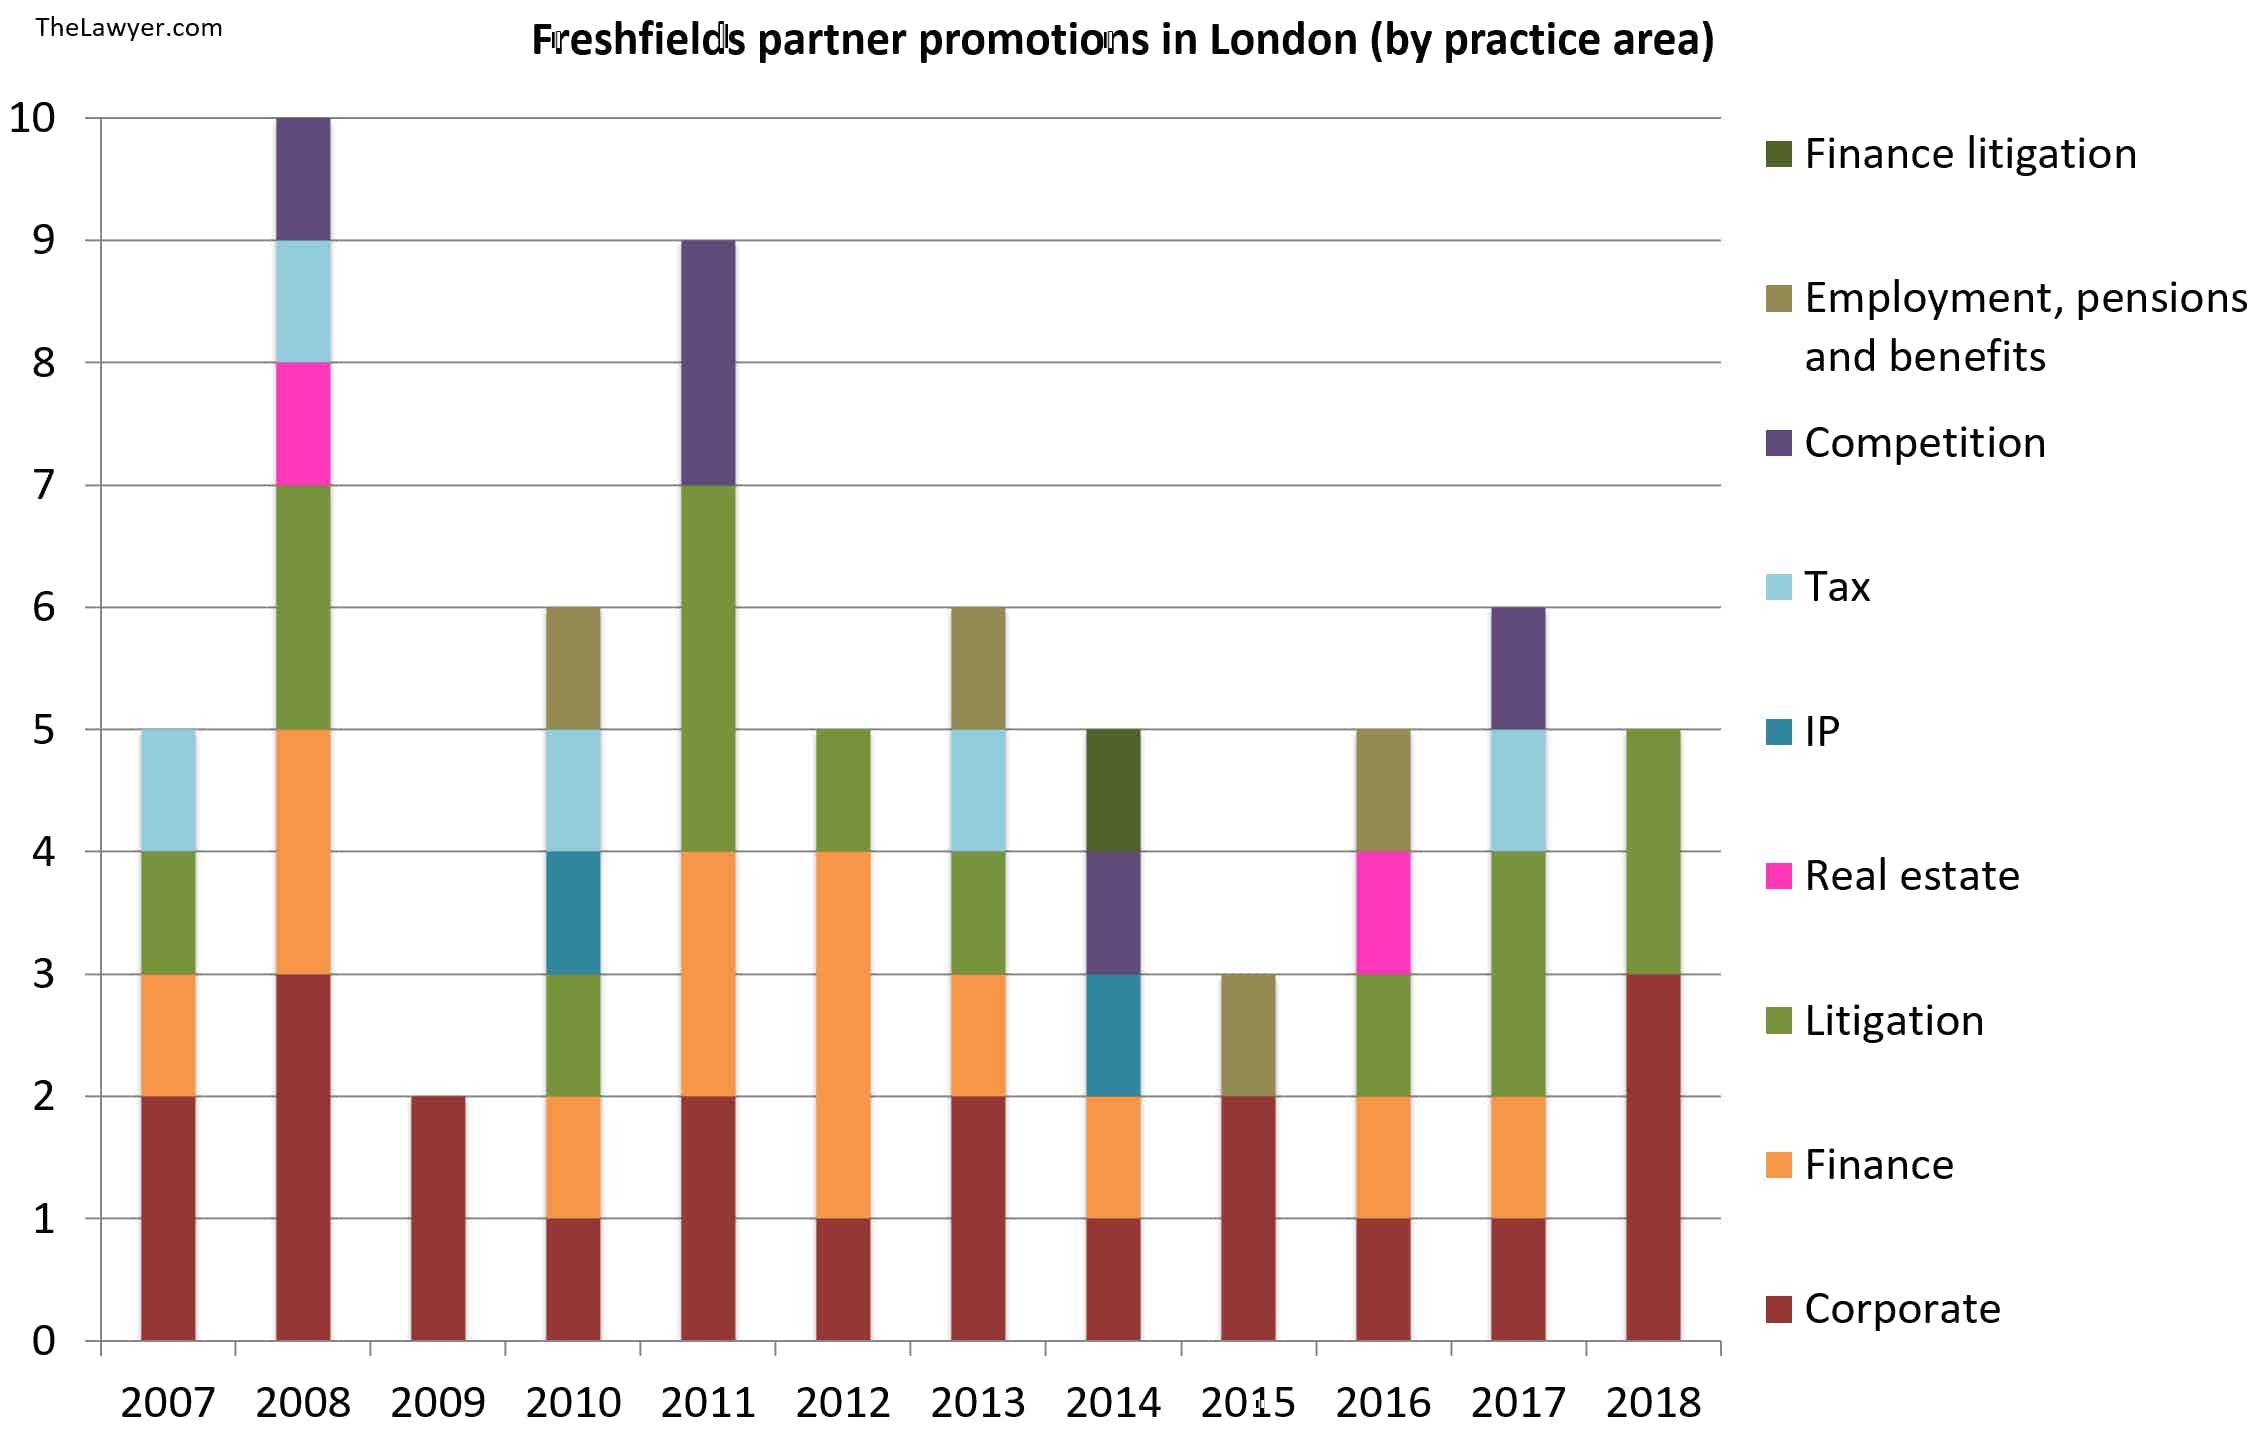 Freshfields promotions 2018